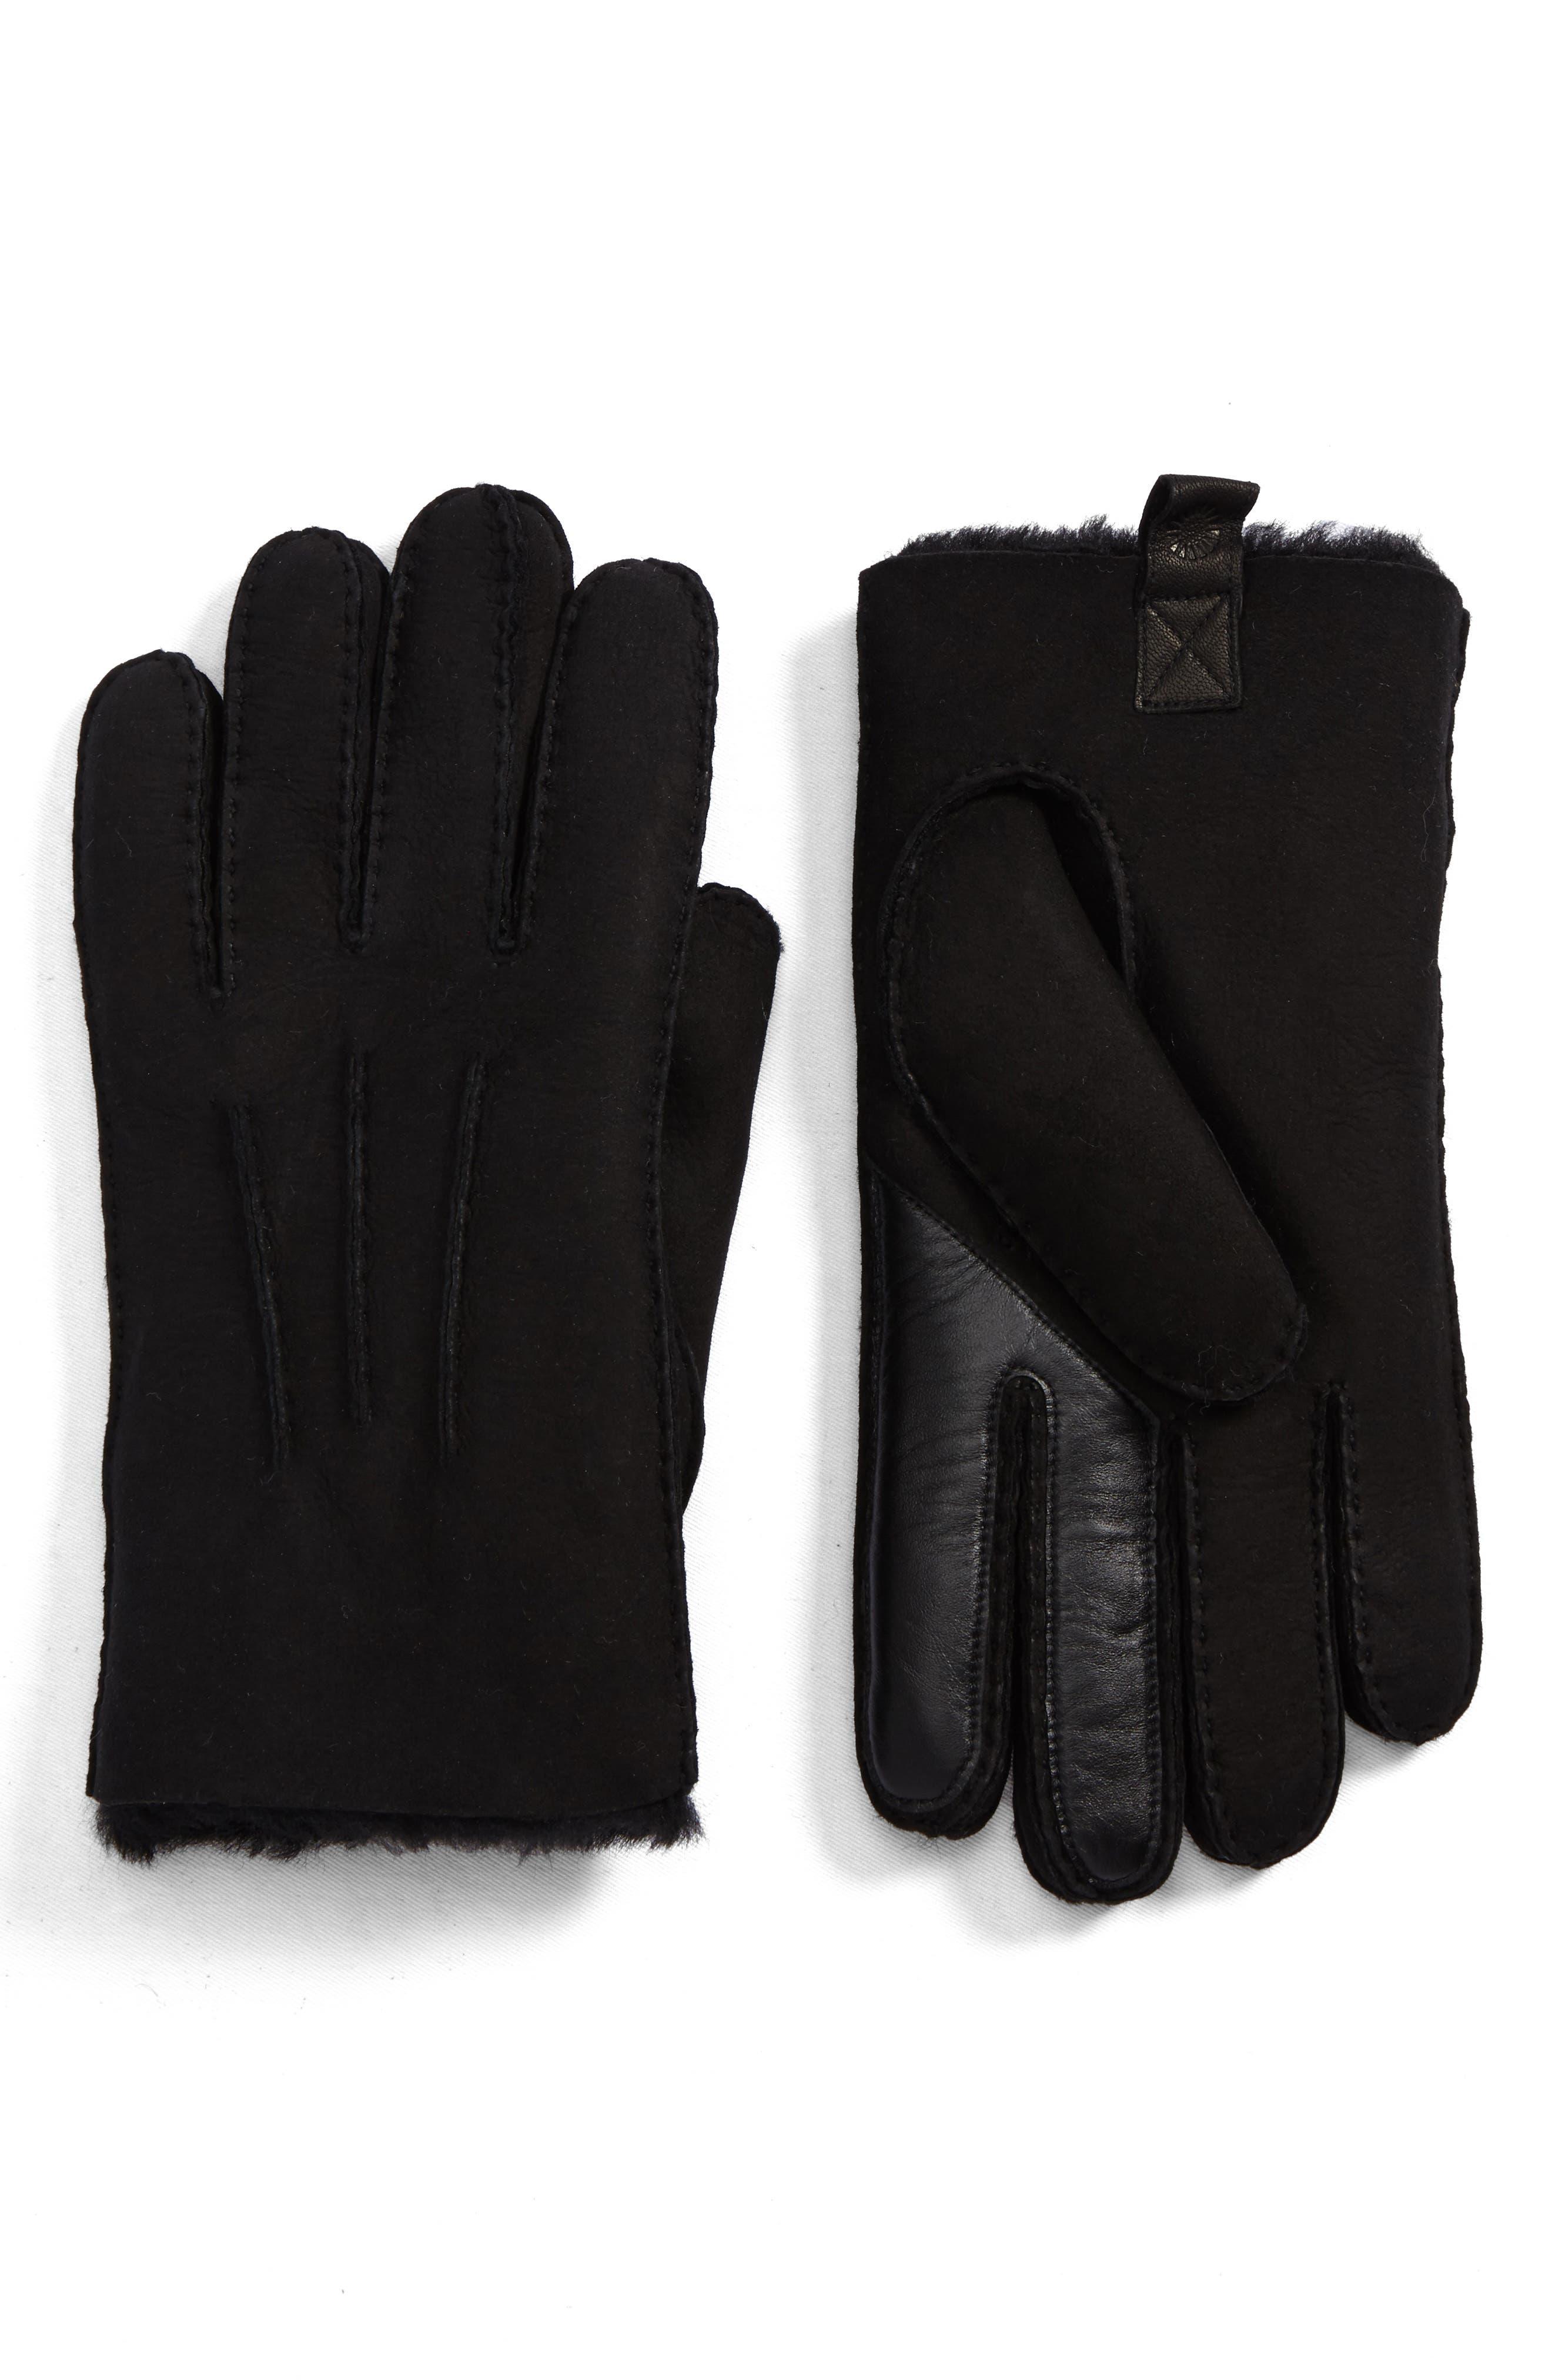 UGG Smart Sheepskin Shearling Leather Gloves